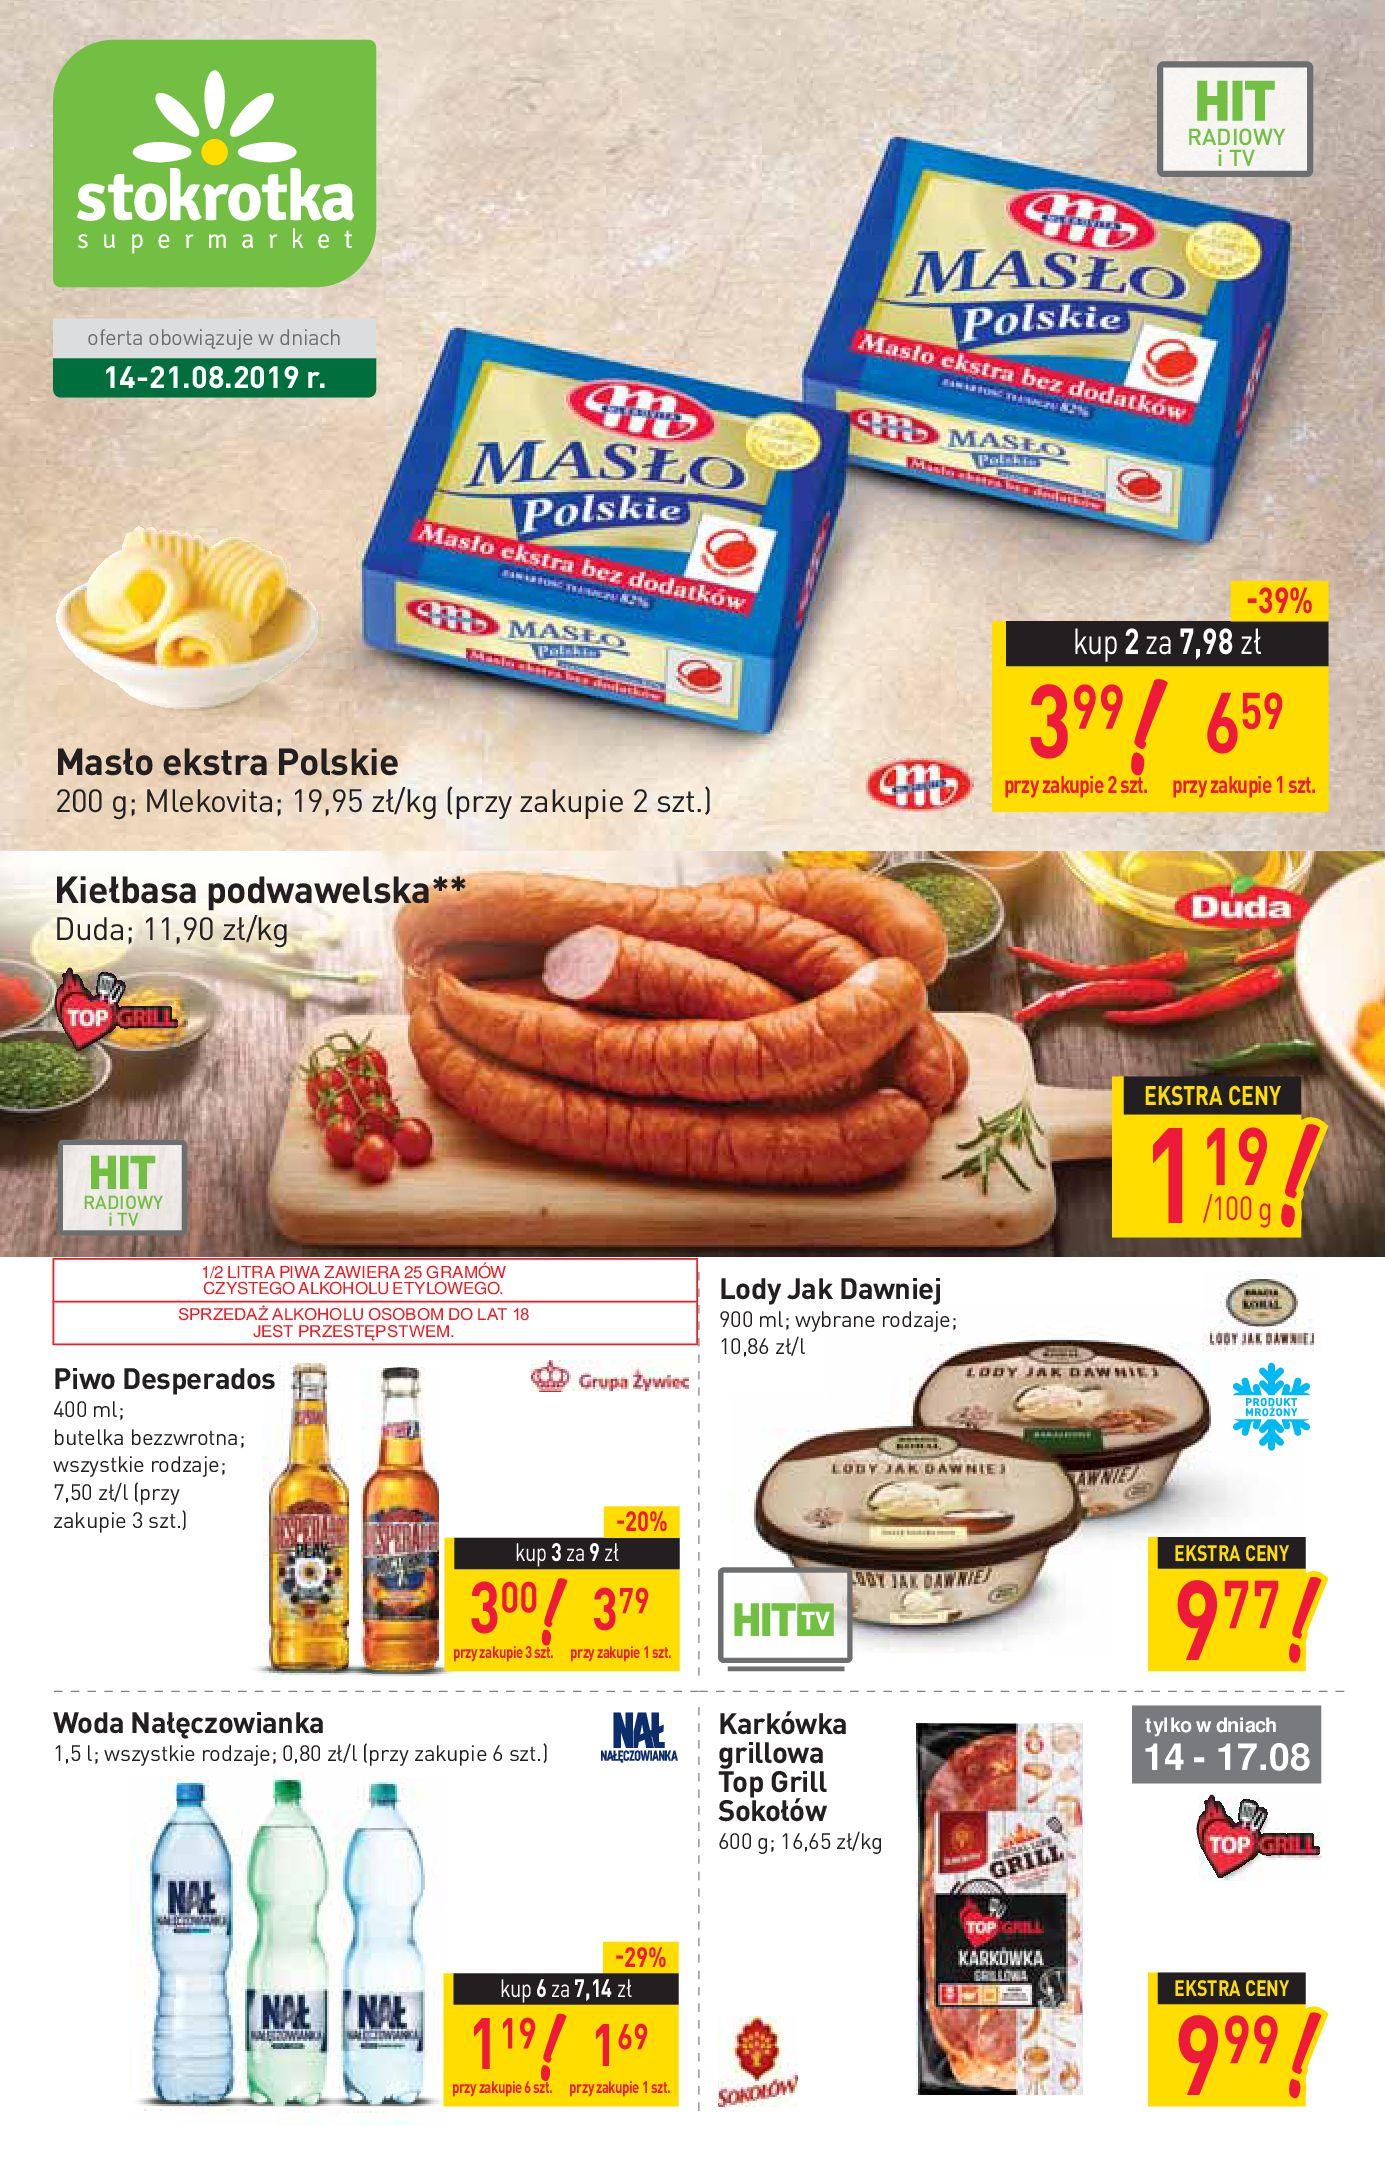 Gazetka Stokrotka Supermarket - Gazetka supermarket-13.08.2019-21.08.2019-page-1